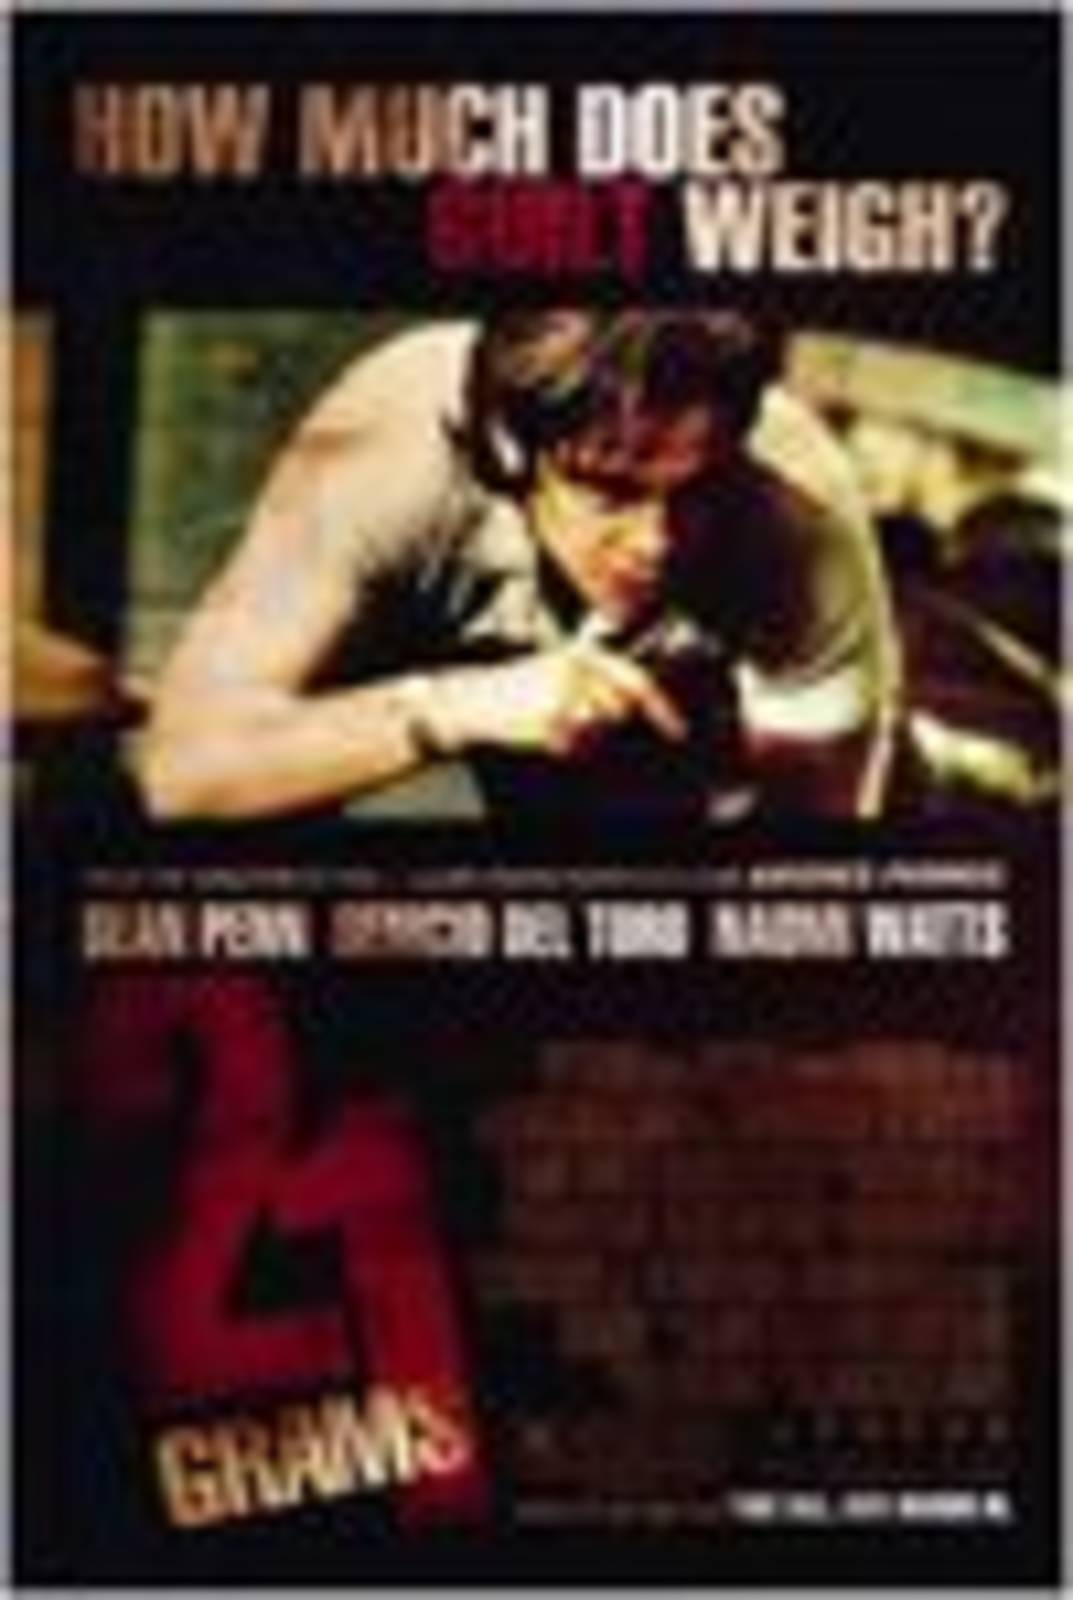 21 Gramm Film